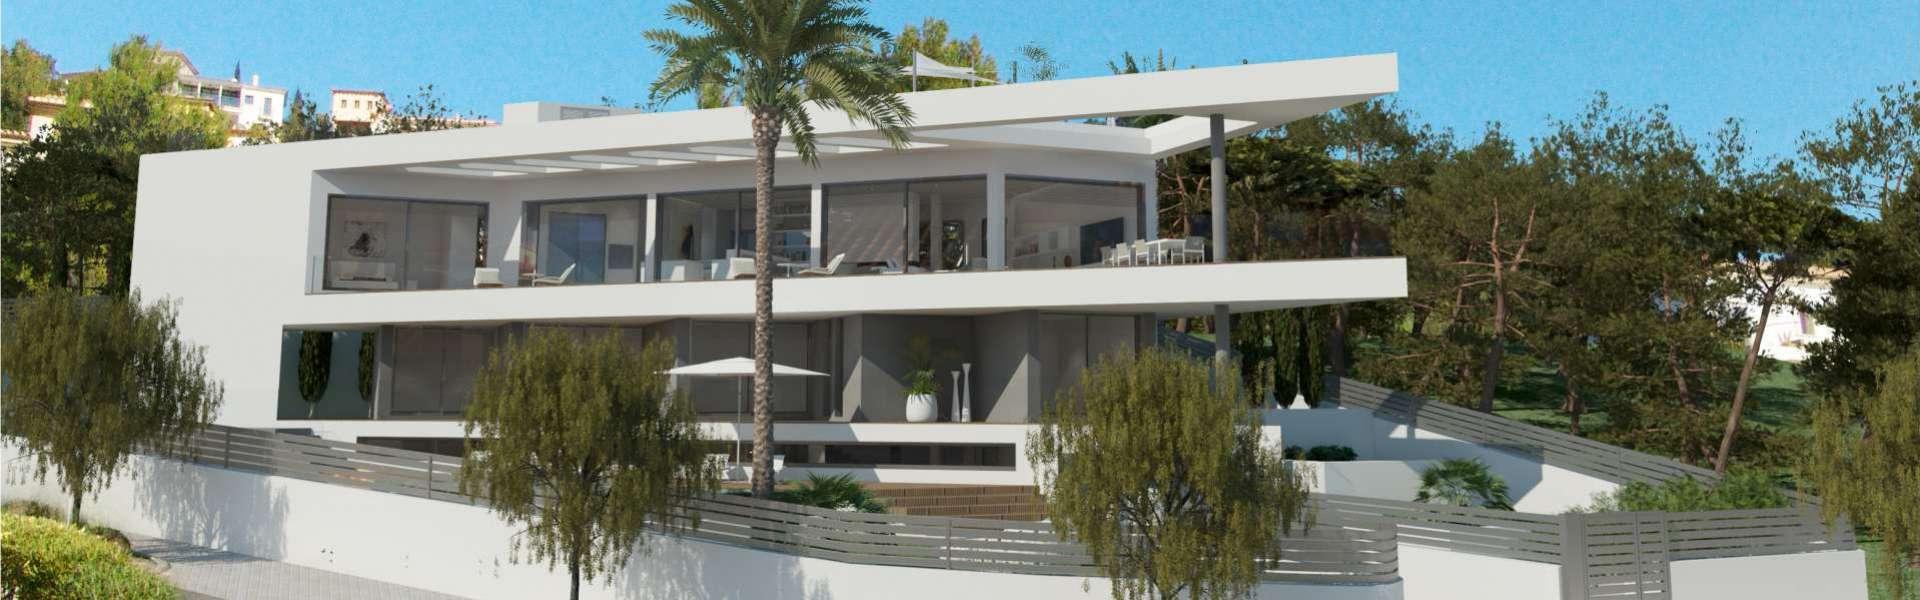 Villa moderna con vistas al mar en construcción - Santa Ponca